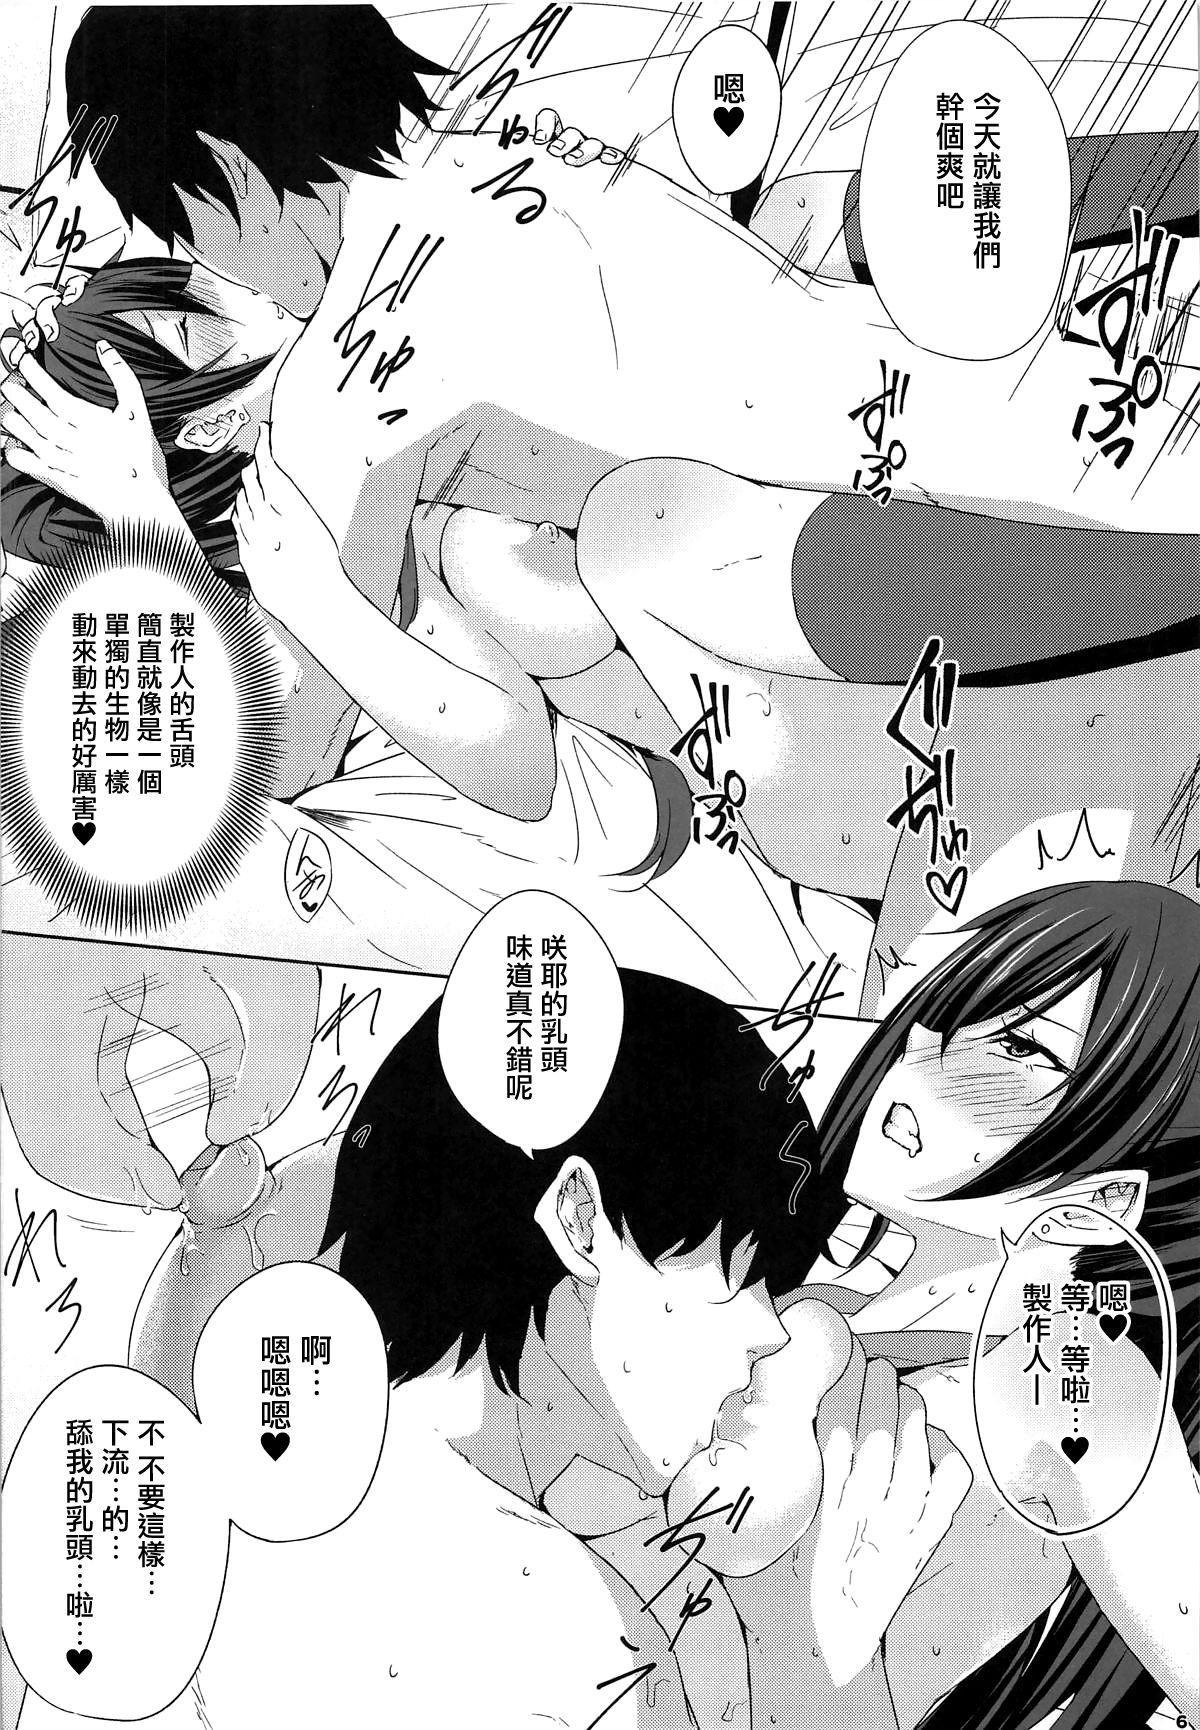 Ouji-sama no Shitsukekata 6